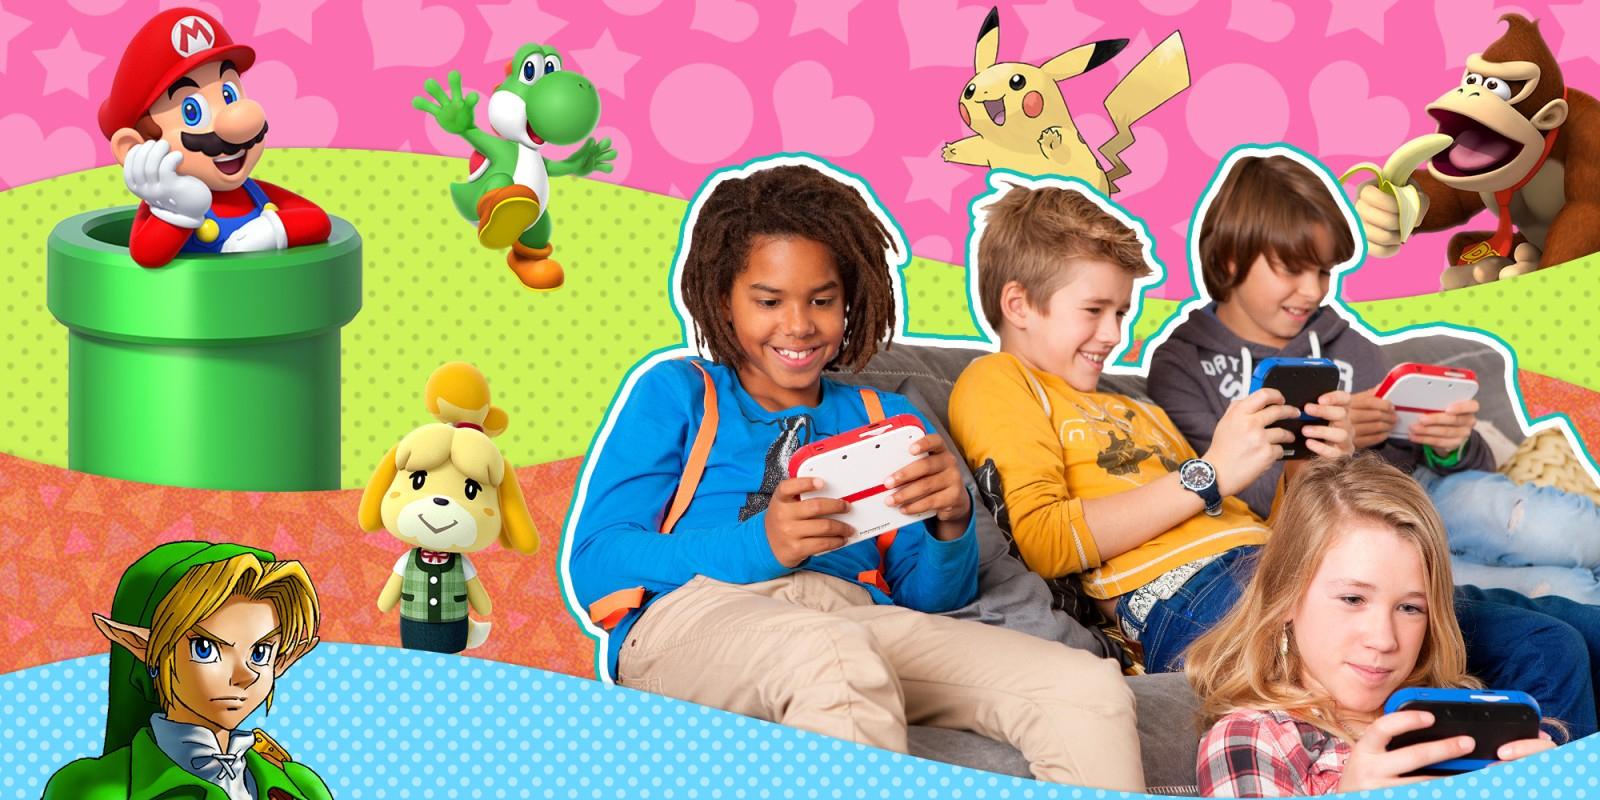 Jeux Nintendo Pour Les Enfants | Nintendo destiné Jeux Gratuit Pour Garçon De 5 Ans